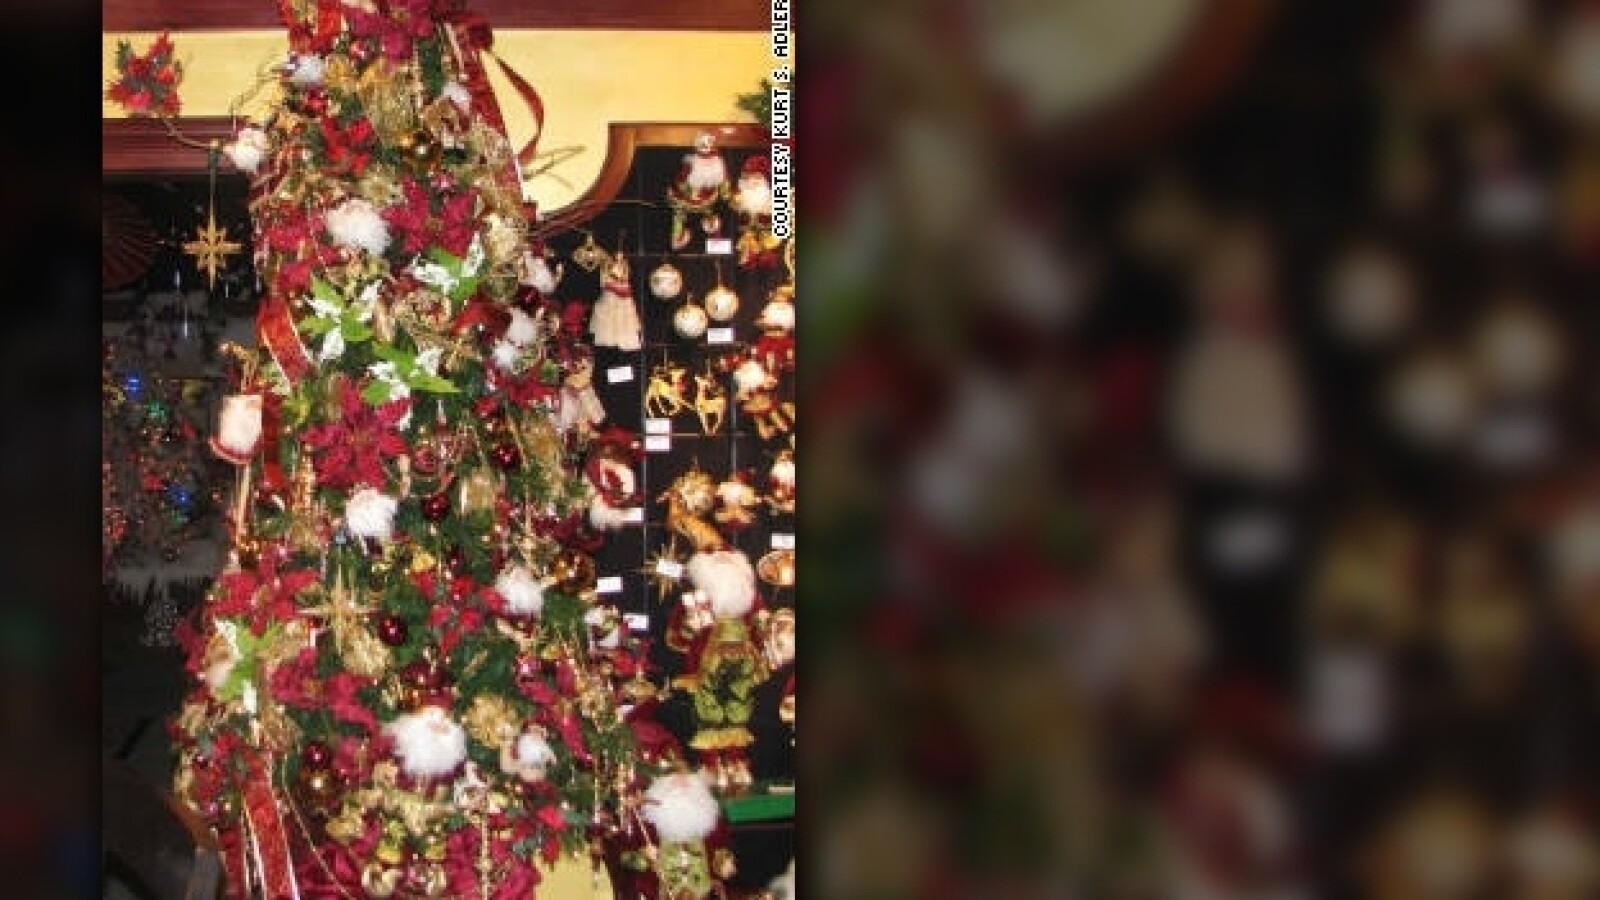 Arboles navidad decoracion navidenos christmas trees esferas fiestas adler